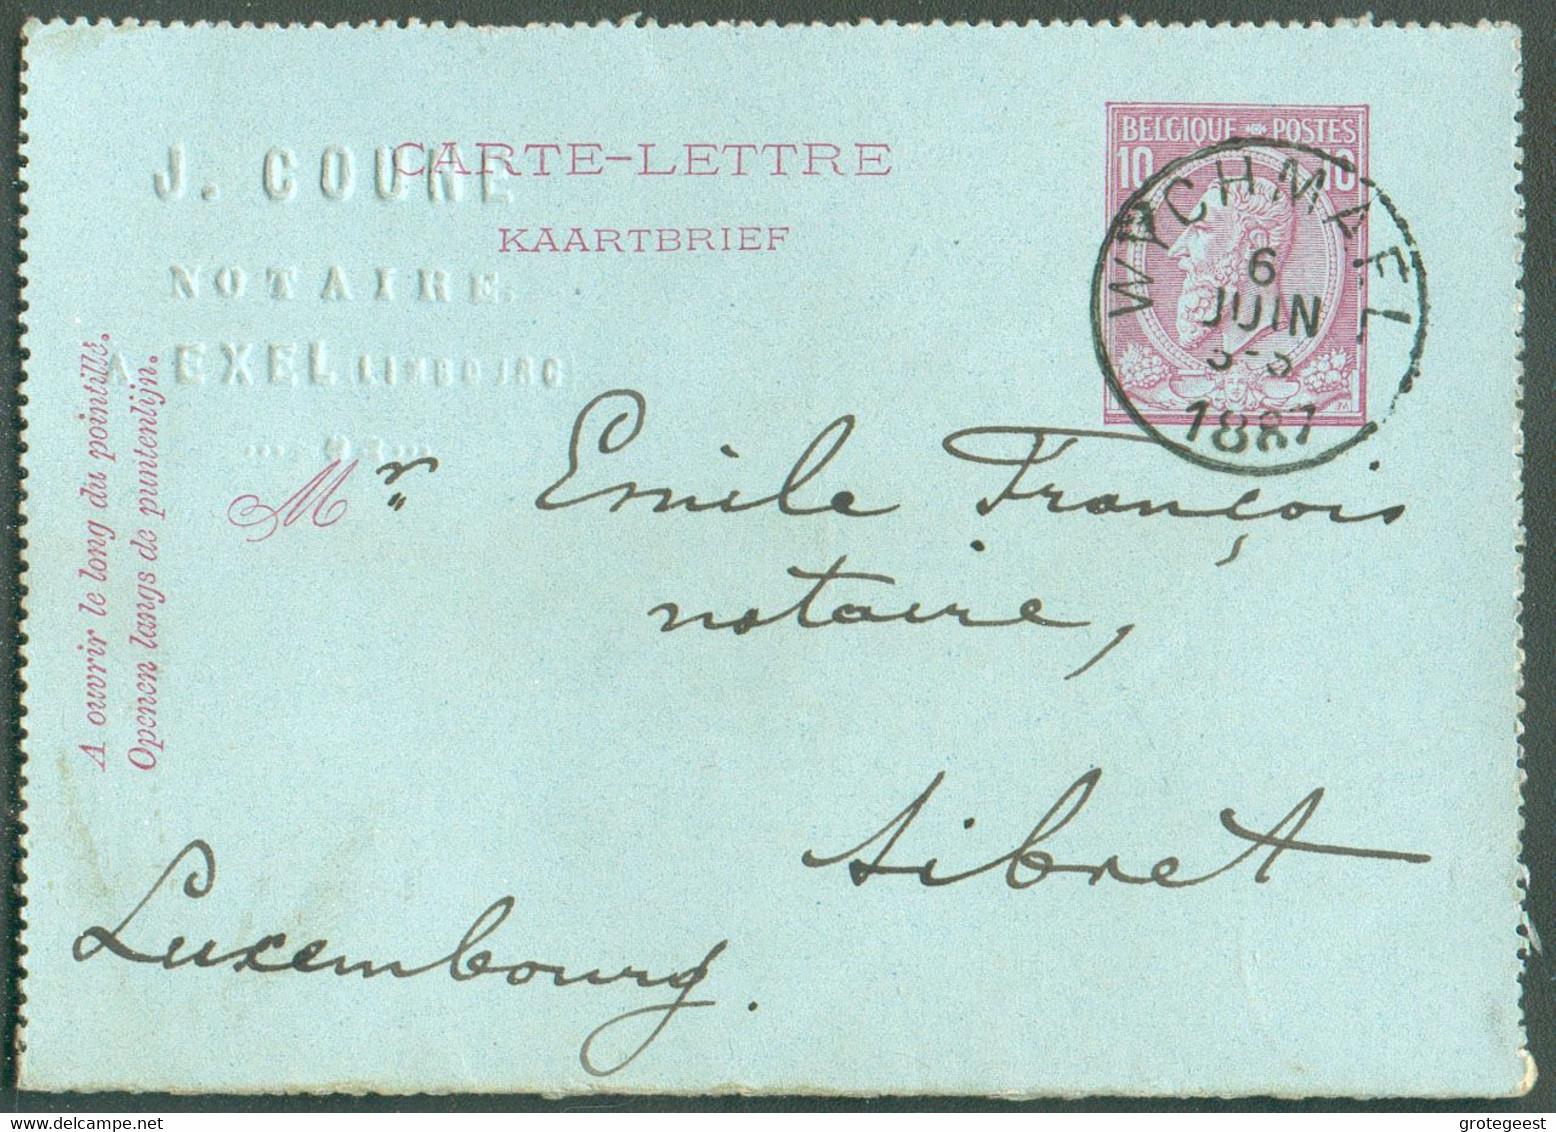 E.P. Carte - Lettre 10 Centimes Datée De EXEL+ Oblit. Sc WYCHMAEL 6 Juin1887 Vers Sibret - TB - 17794 - Kartenbriefe